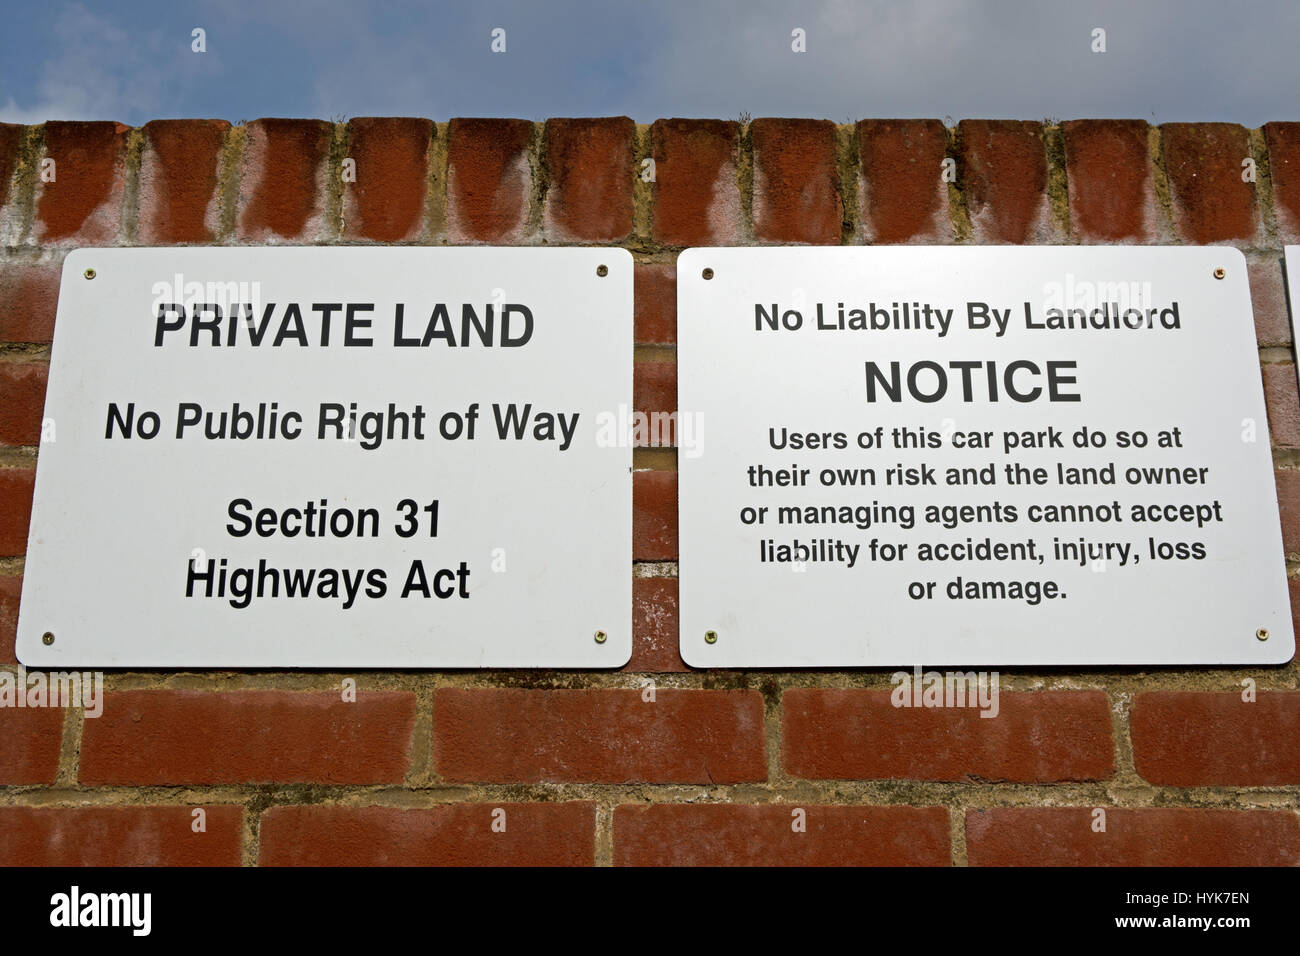 Segni indicando un terreno privato, nessun diritto del pubblico di modo, Sezione 31 autostrade atto, e nessuna responsabilità Immagini Stock